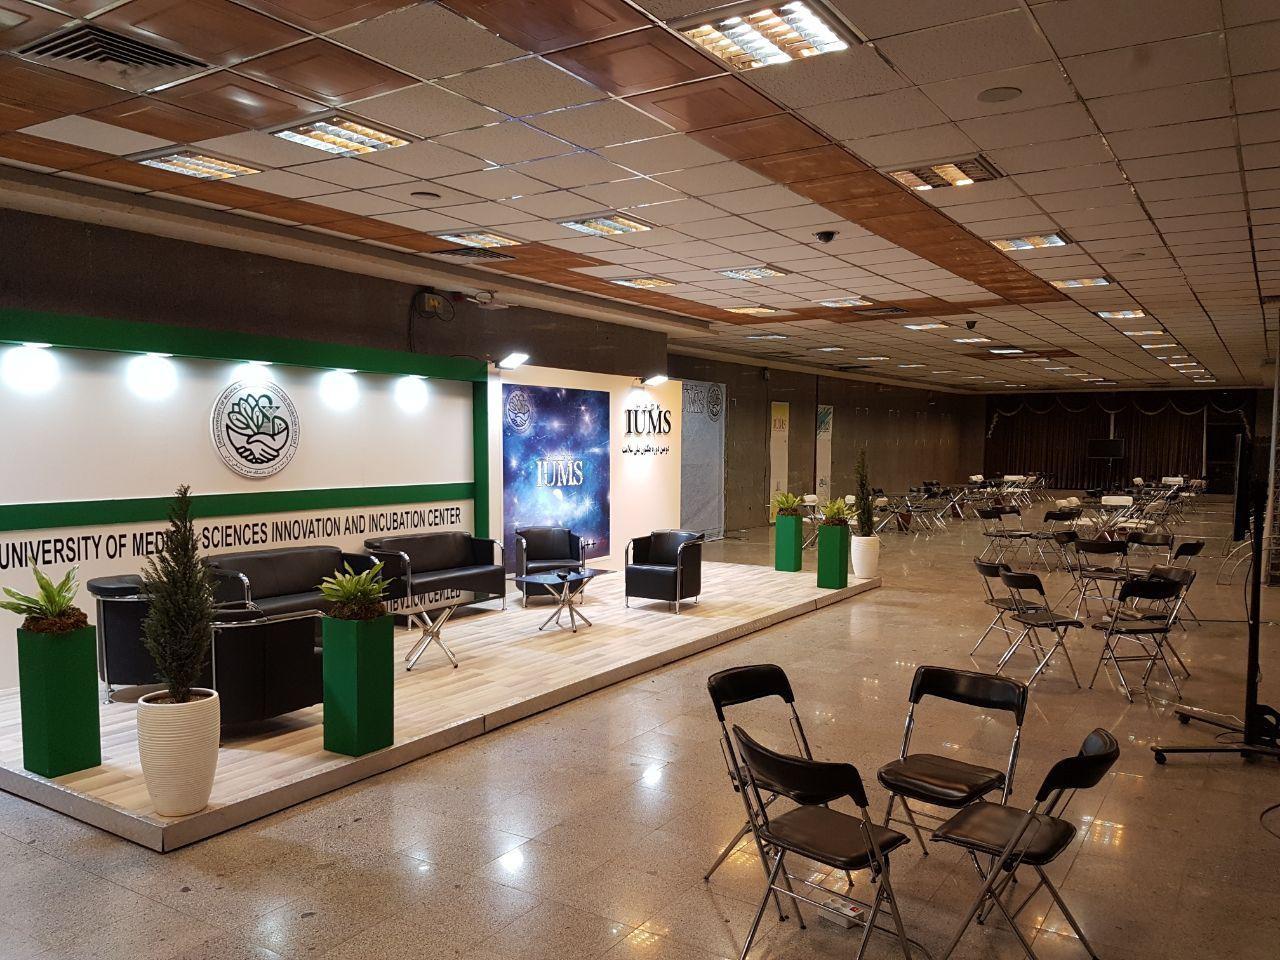 اجاره تجهیزات نمایشگاهی و طراحی مدرن غرفه سازی برای معرفی کسب و کار